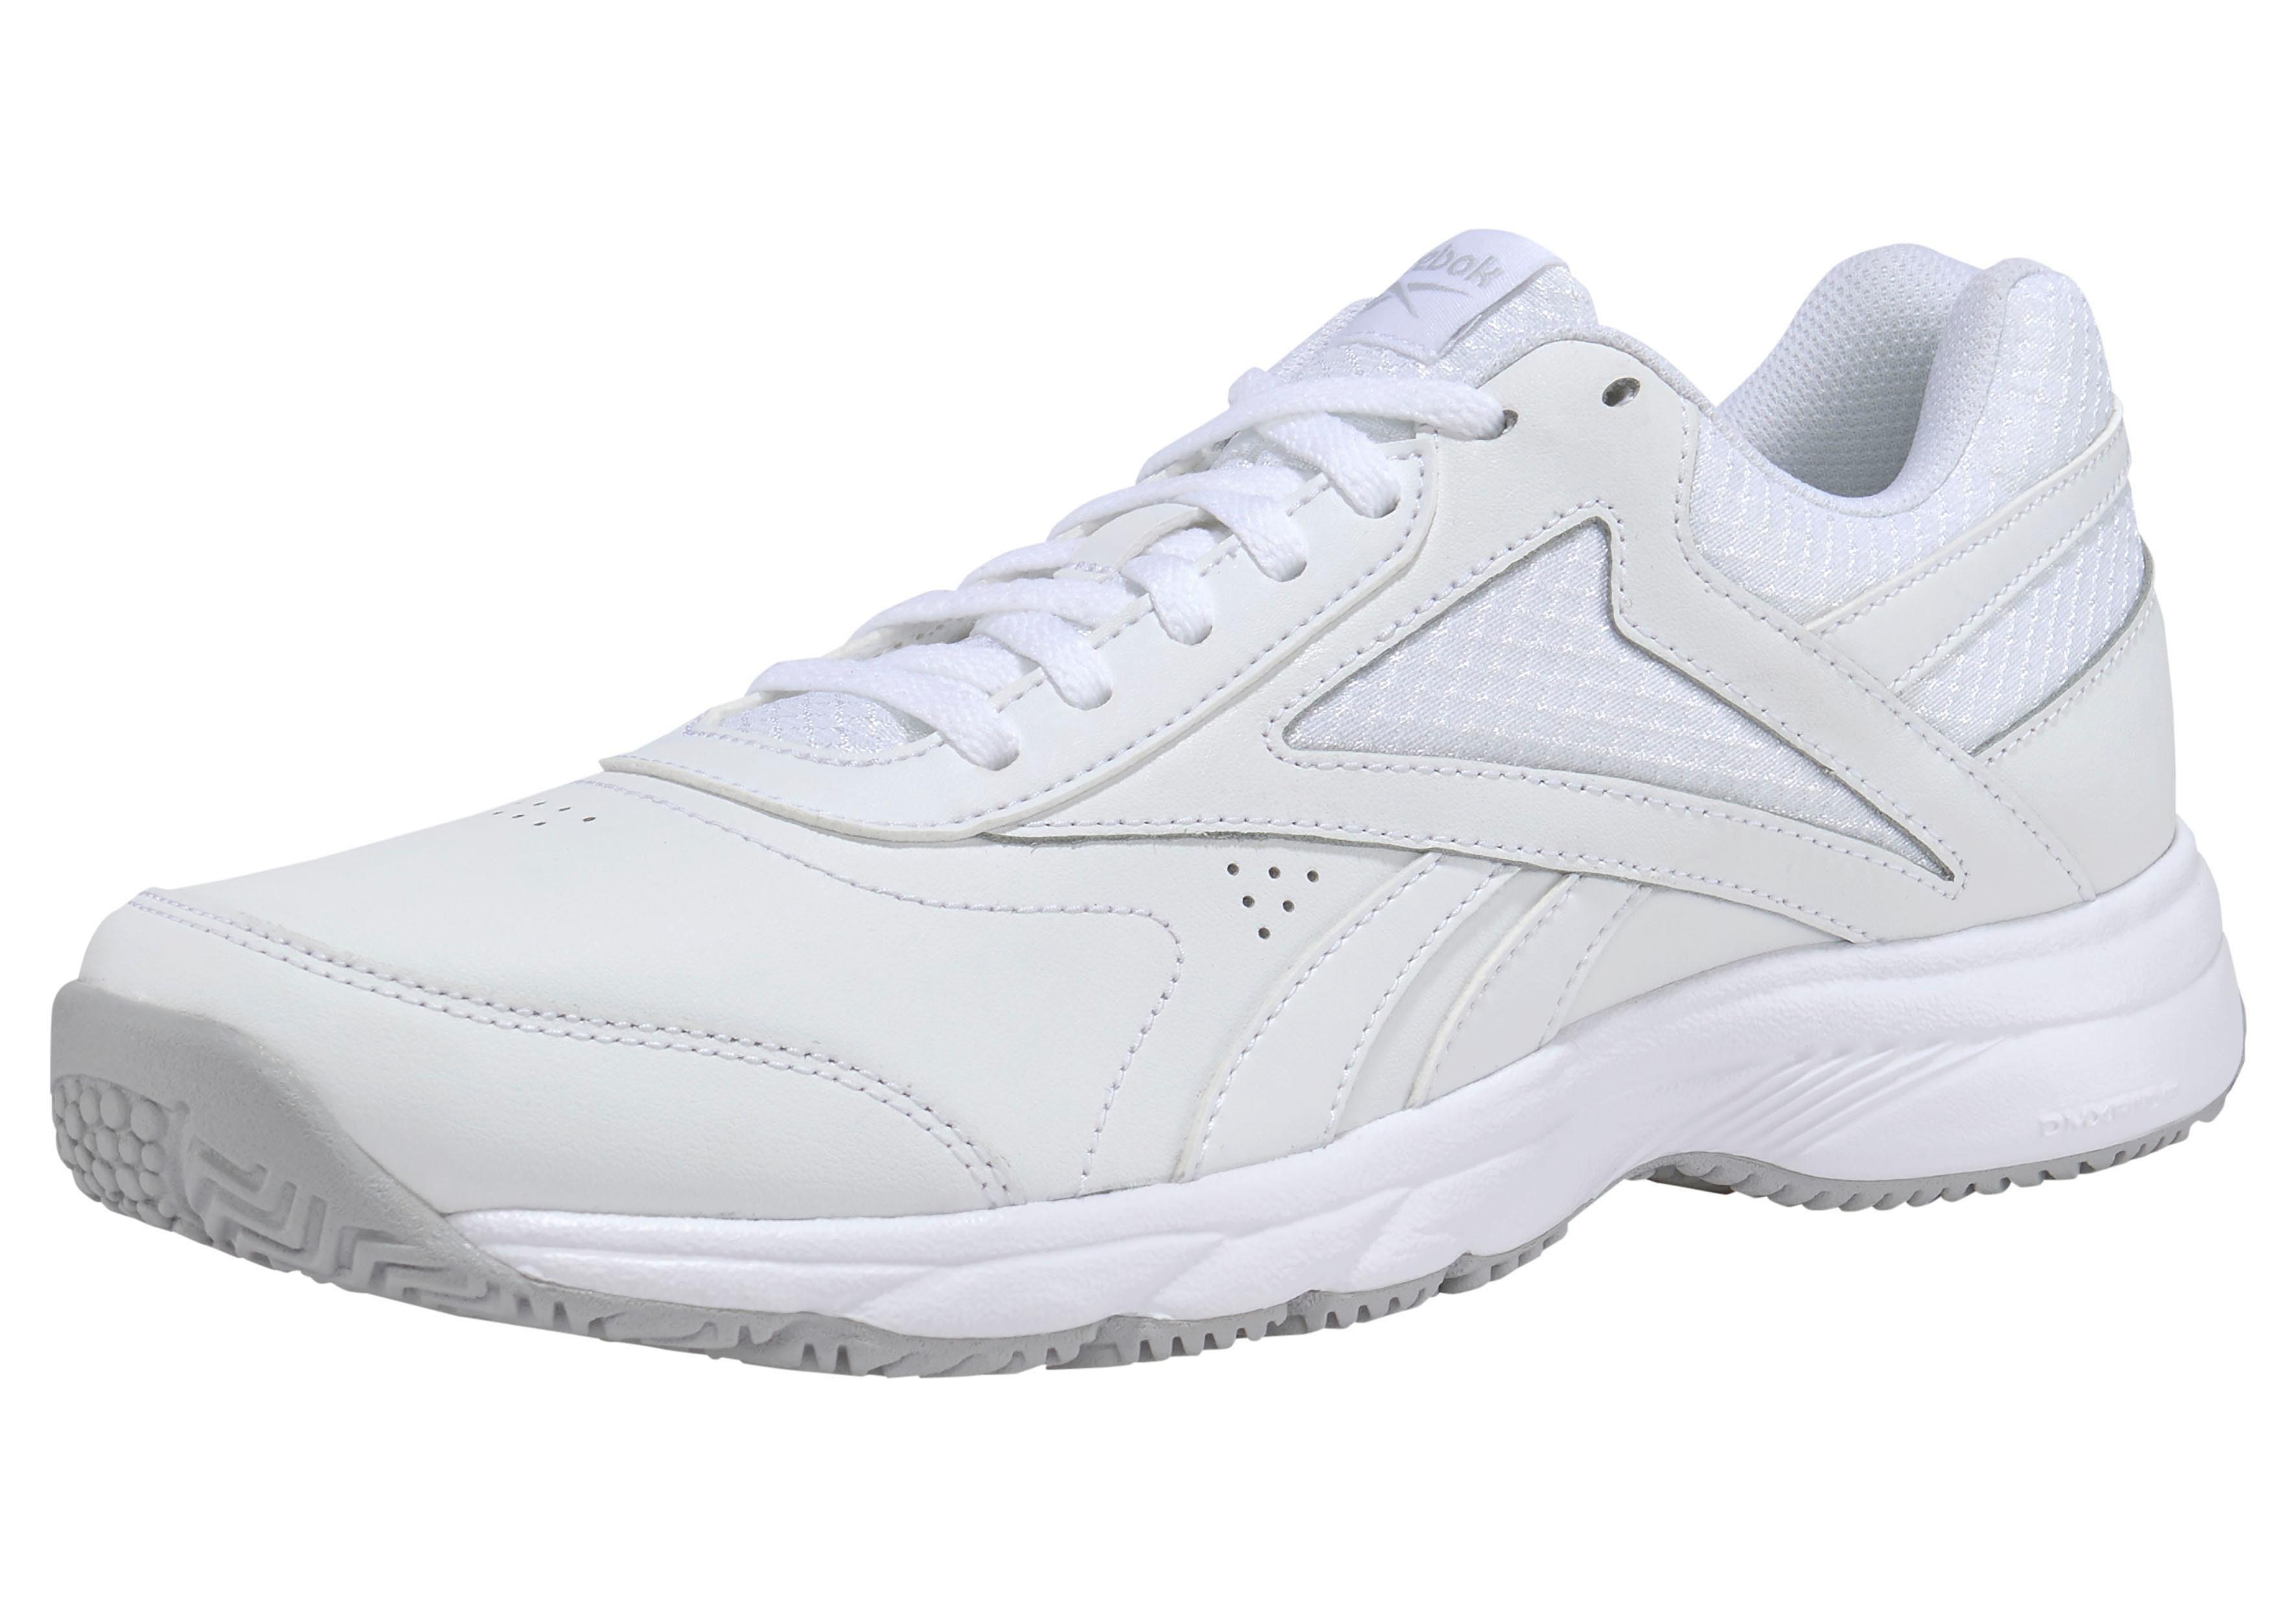 Reebok Work N Cushion 4.0 EU 36 White / Cold Grey 2 / White günstig online kaufen